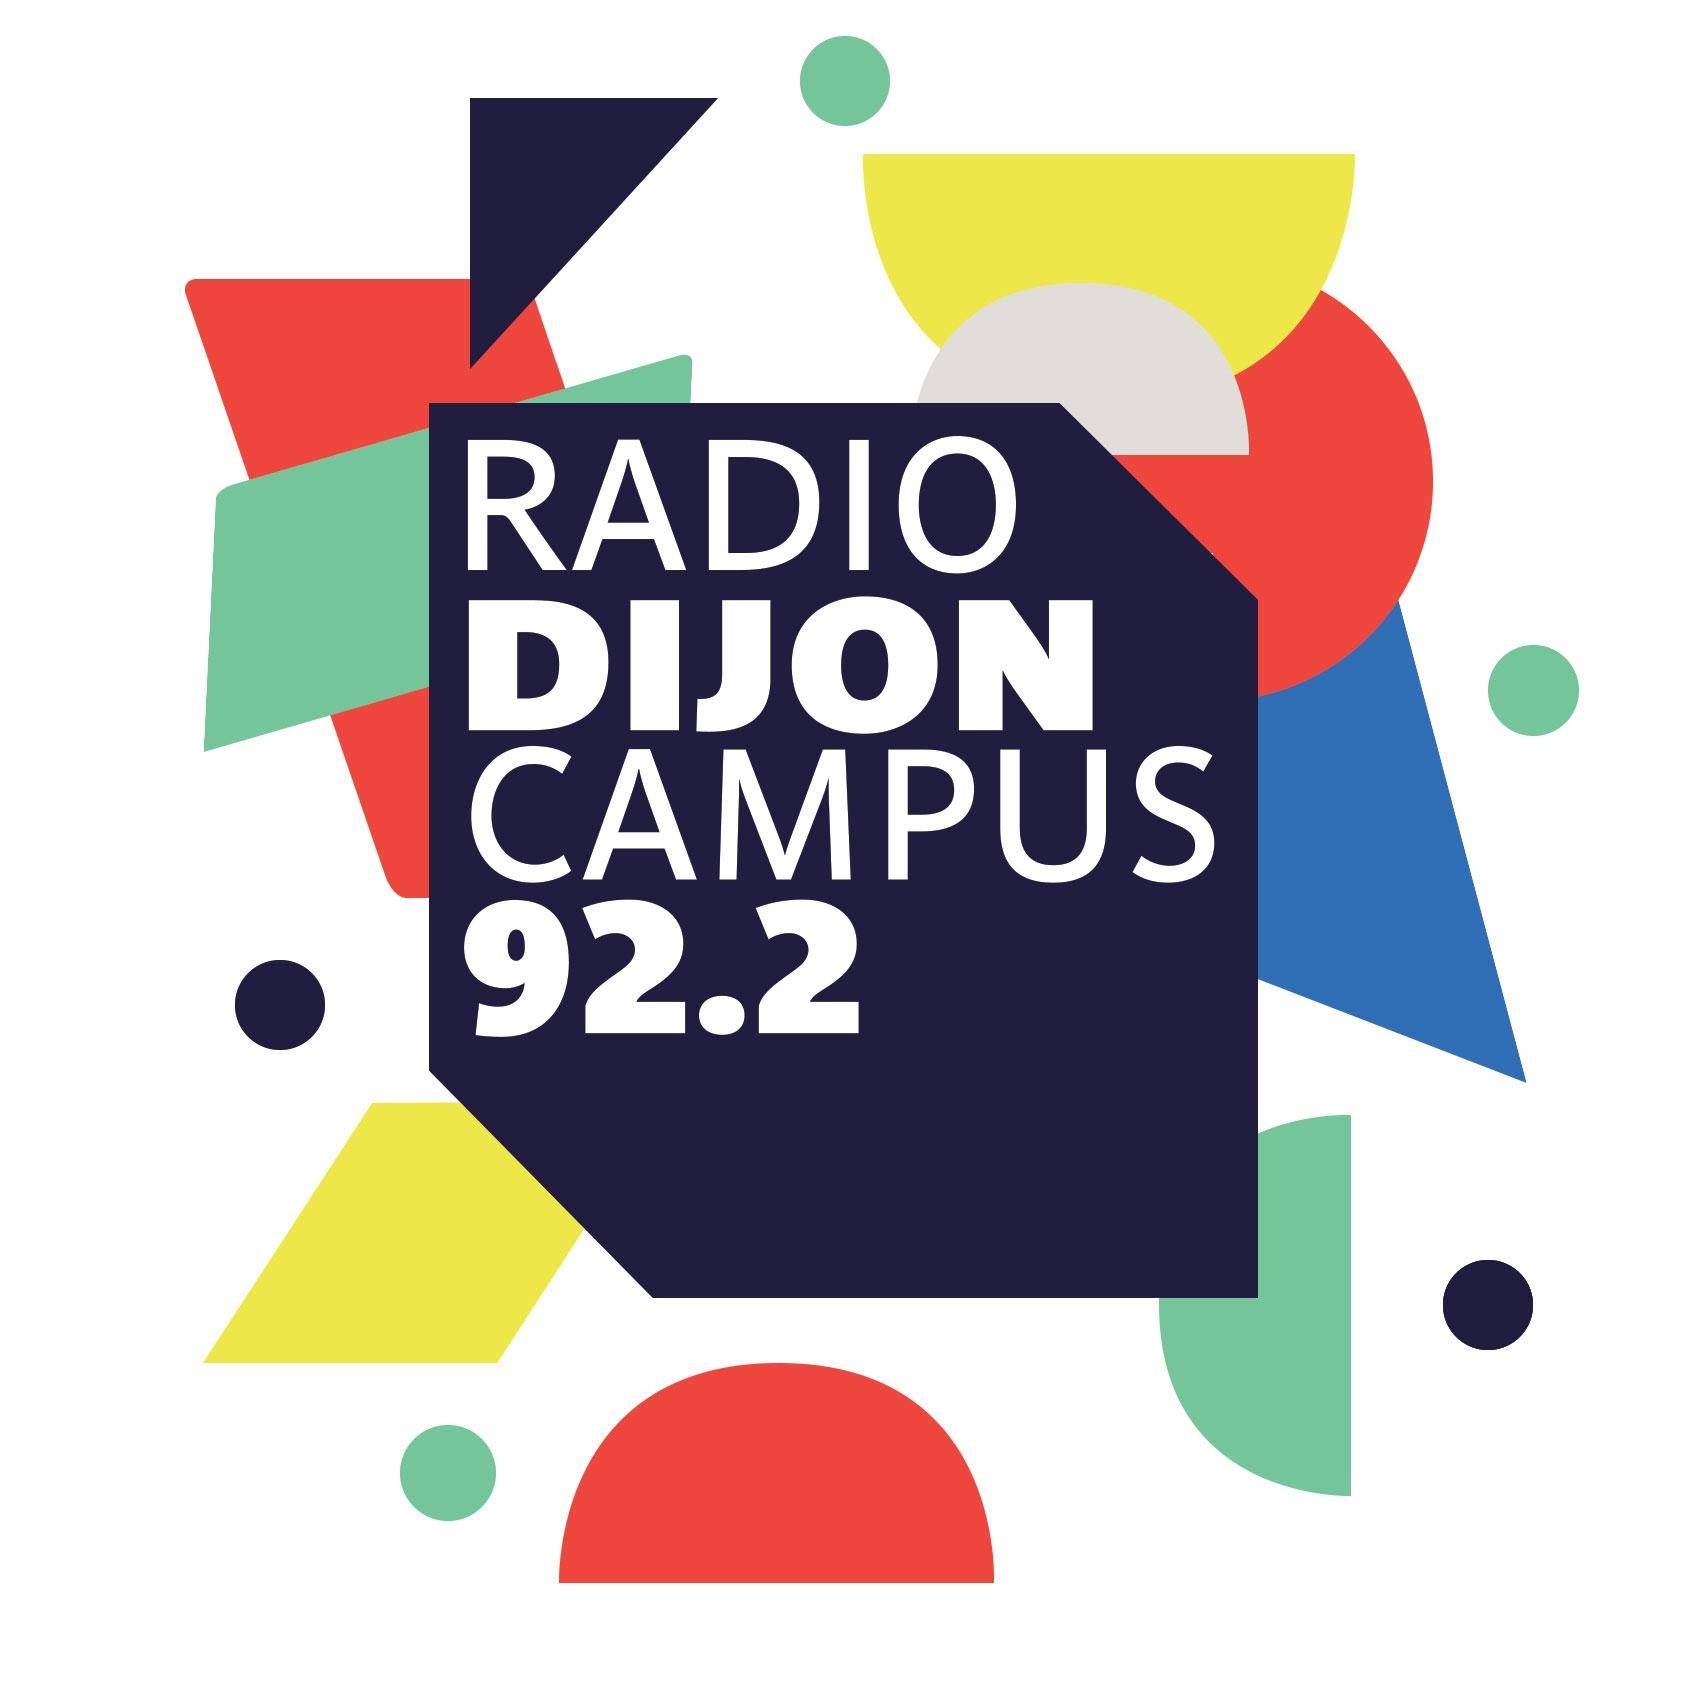 Radio Dijon Campus – Association pour le Développement de l'Expression Radiophonique (Adexpra)